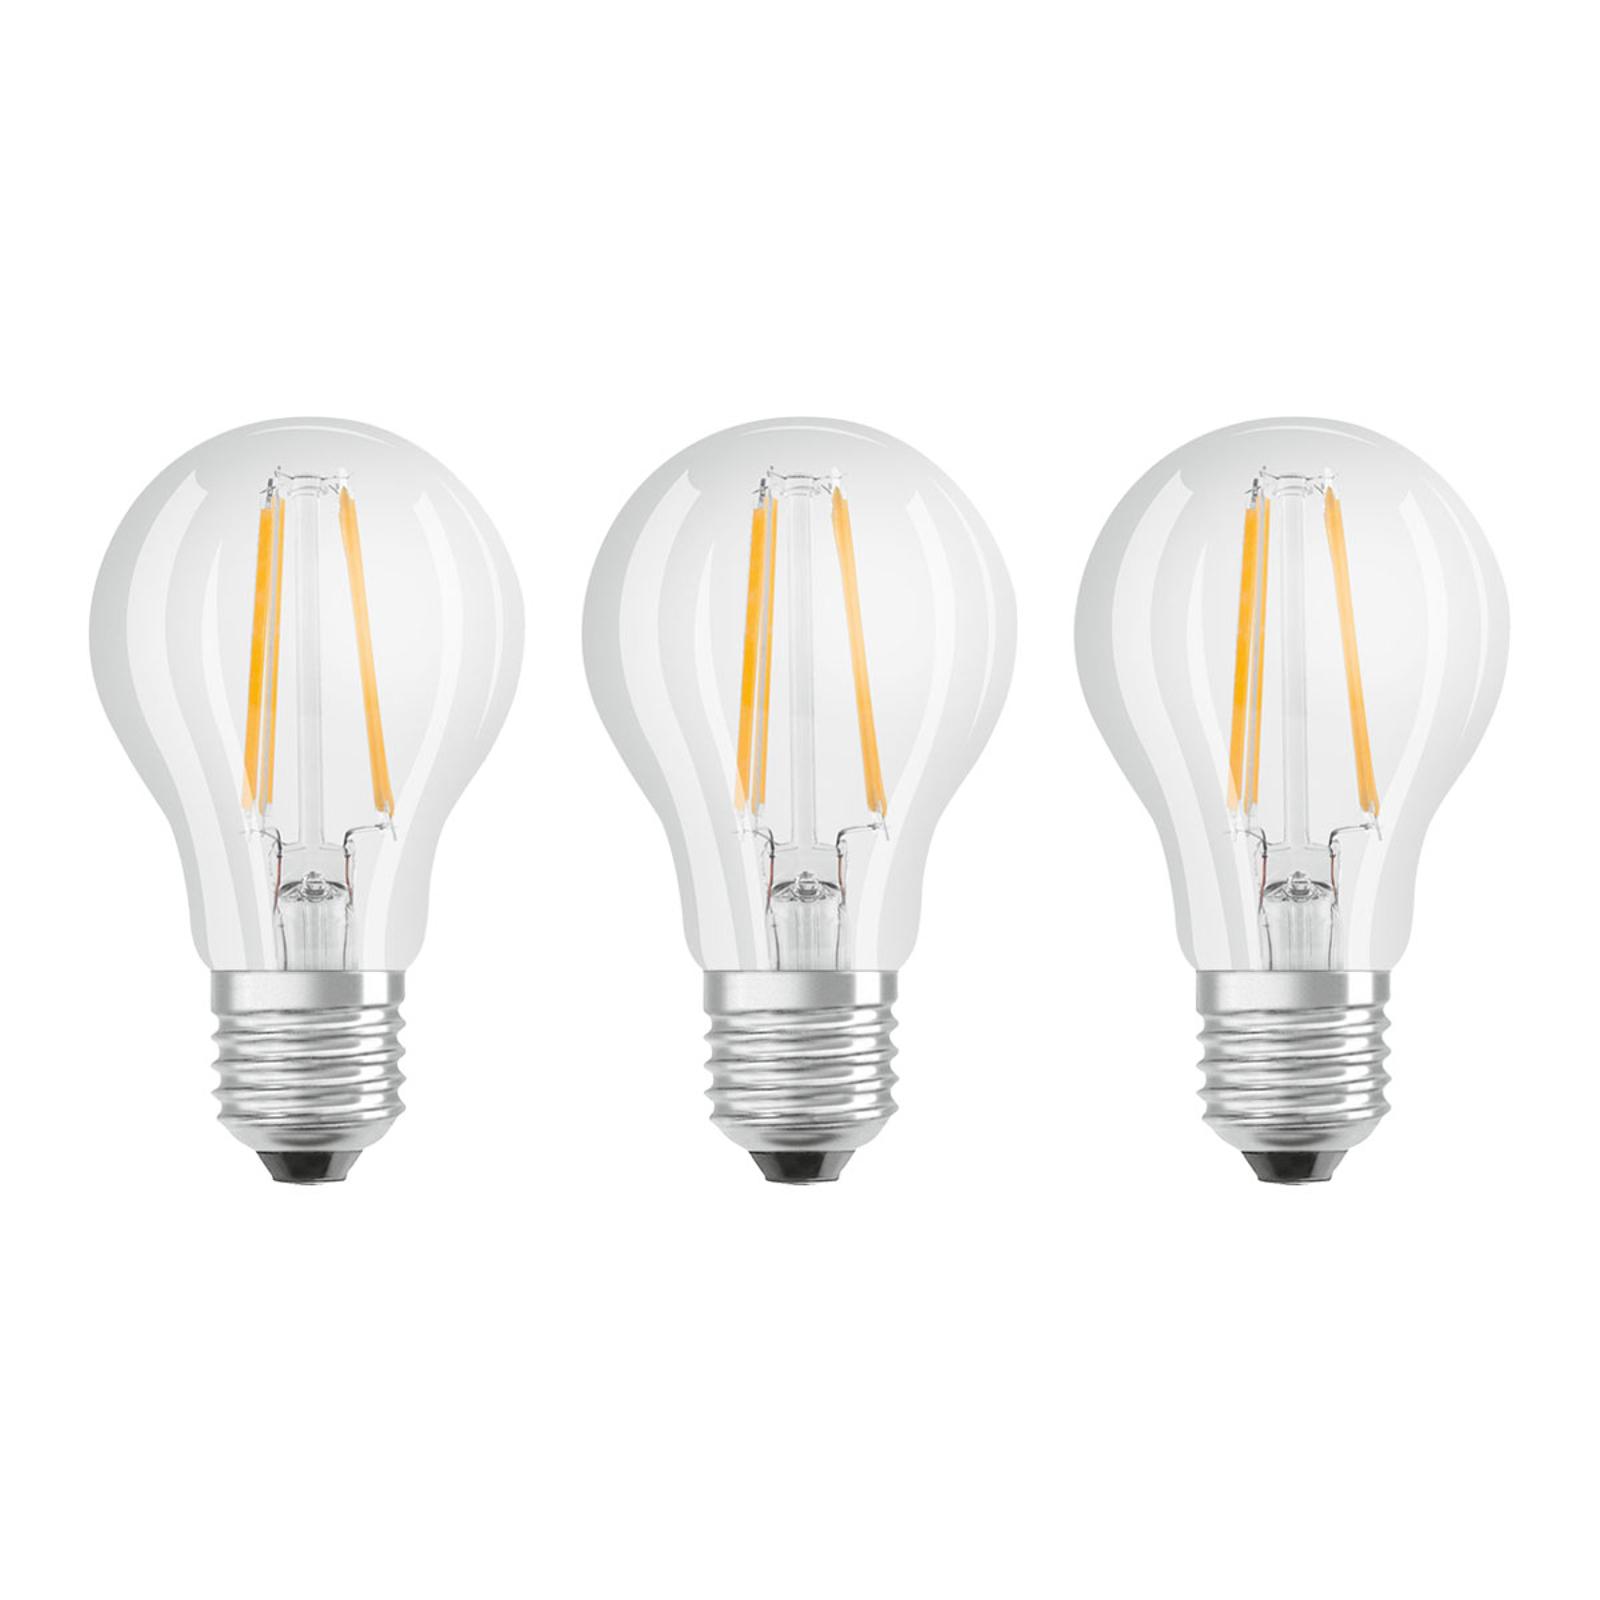 OSRAM LED E27 Classic filament 840 6,5W lot de 3